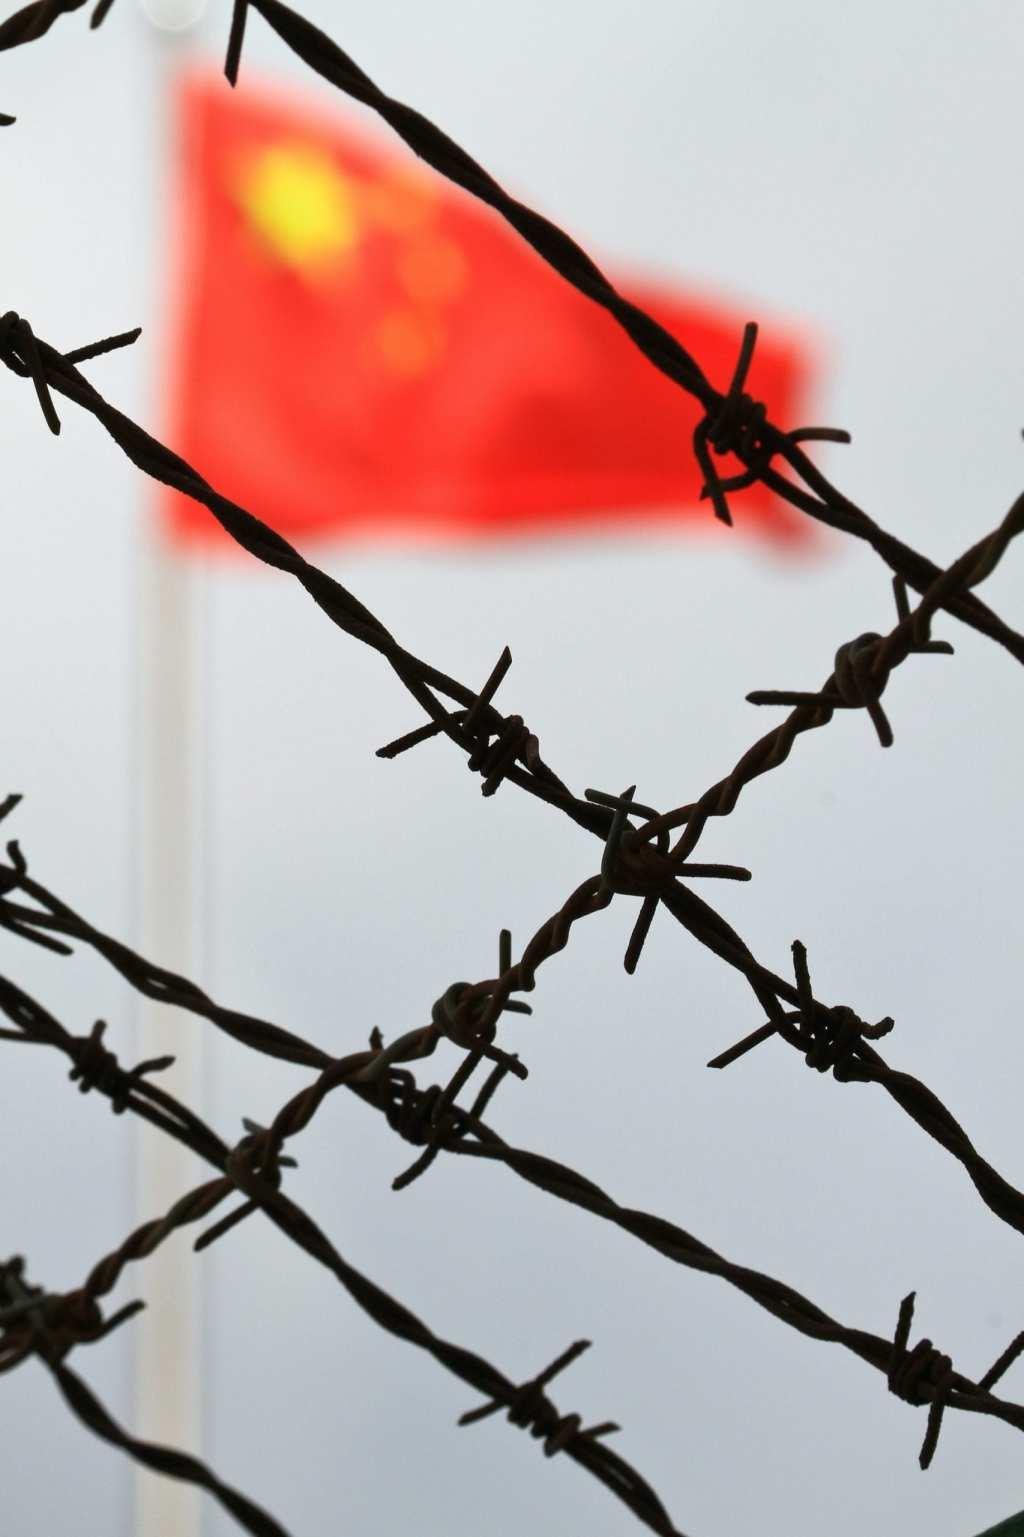 crispin hull on china